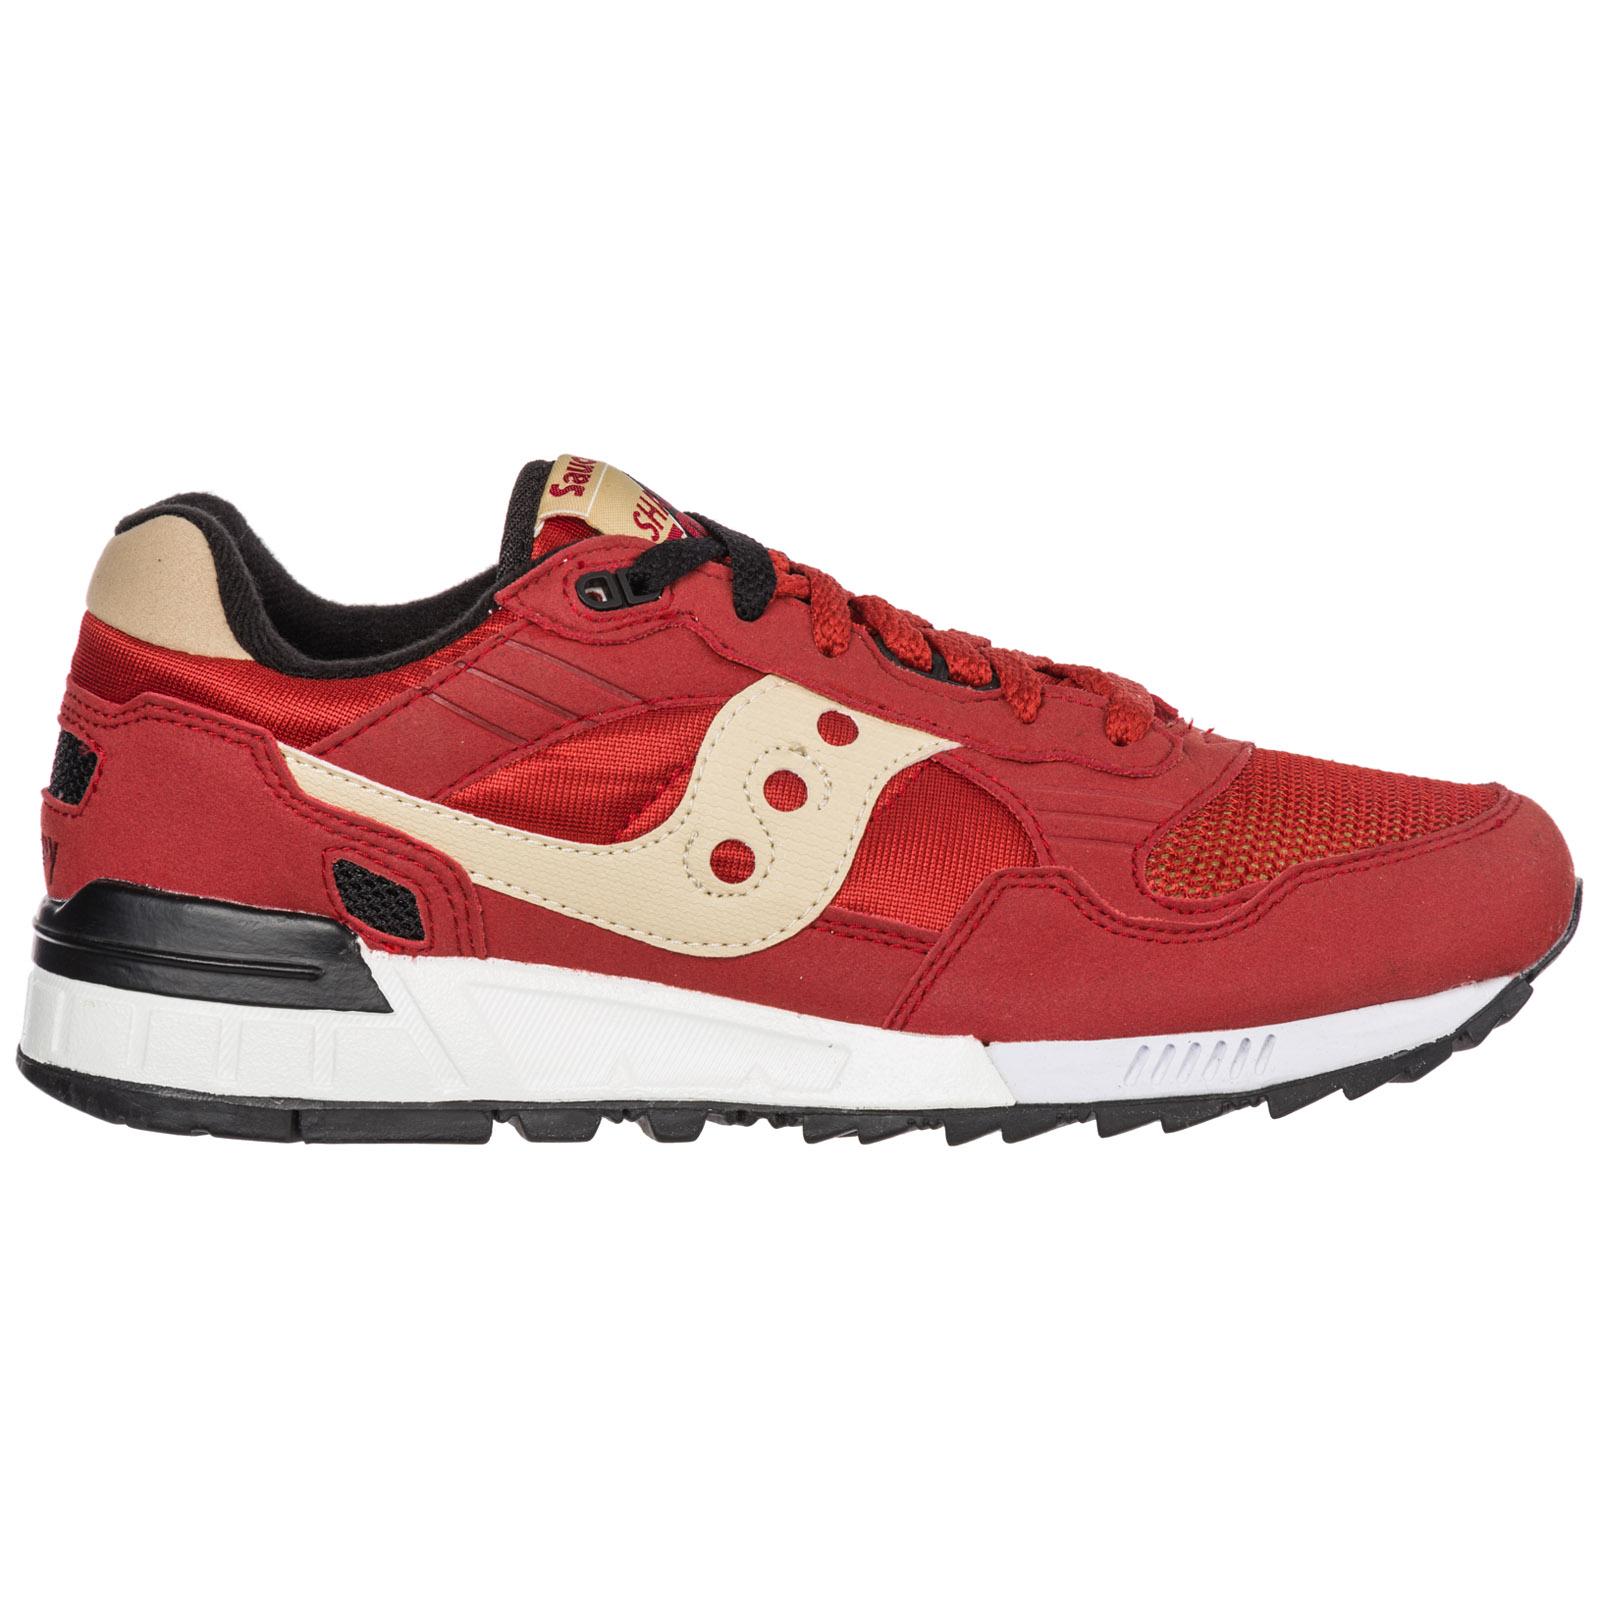 free shipping 39a65 d0d80 Scarpe sneakers uomo camoscio shadow 5000